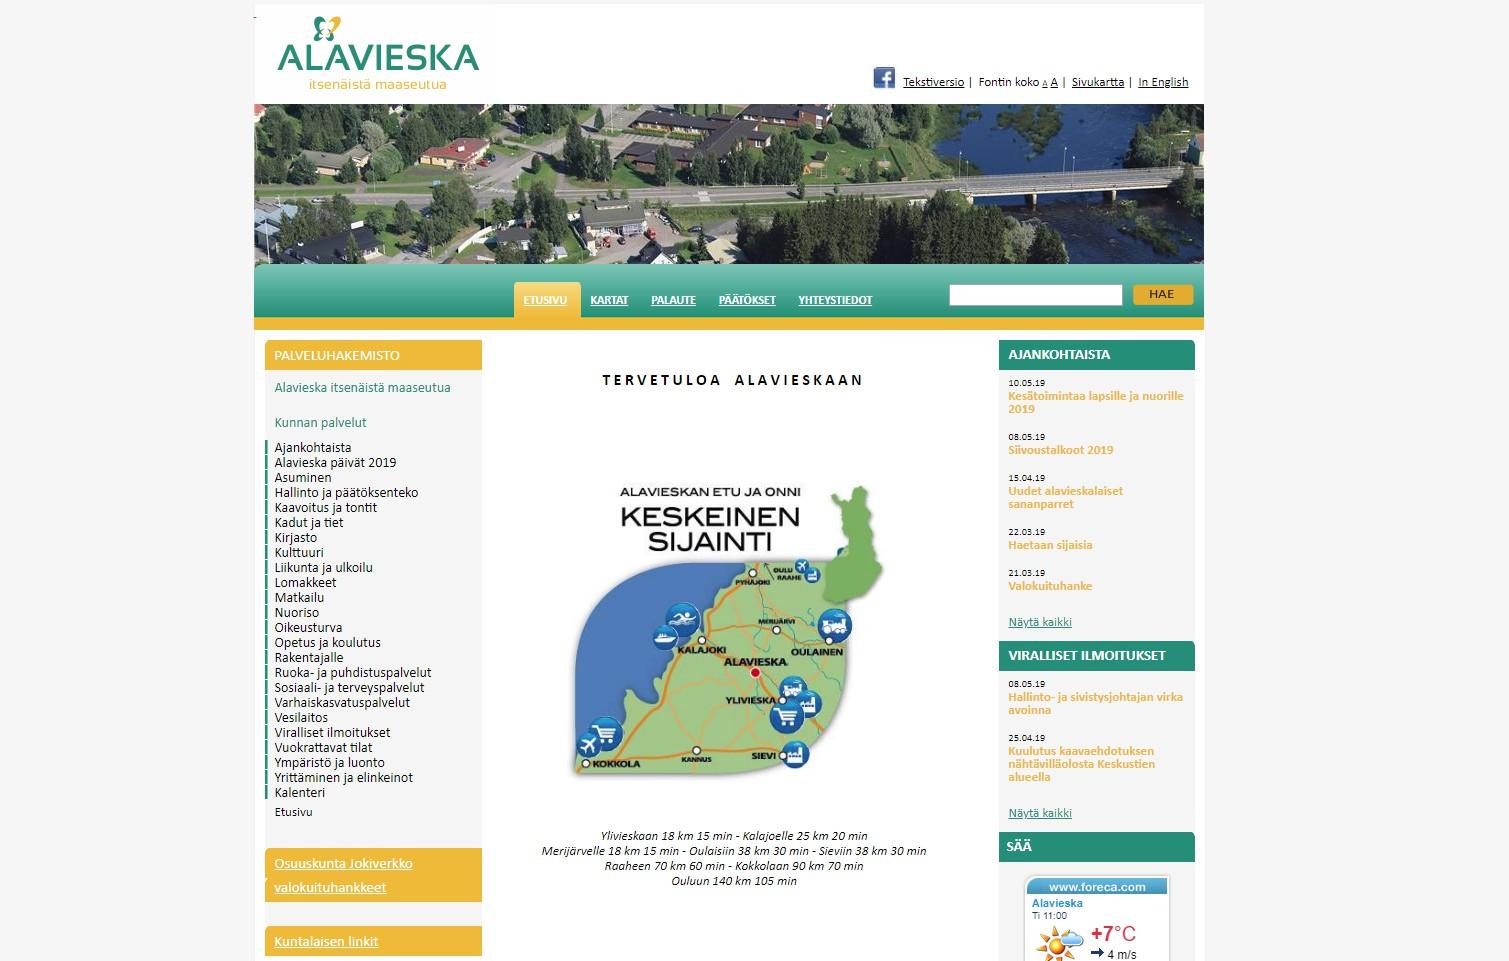 Alavieska